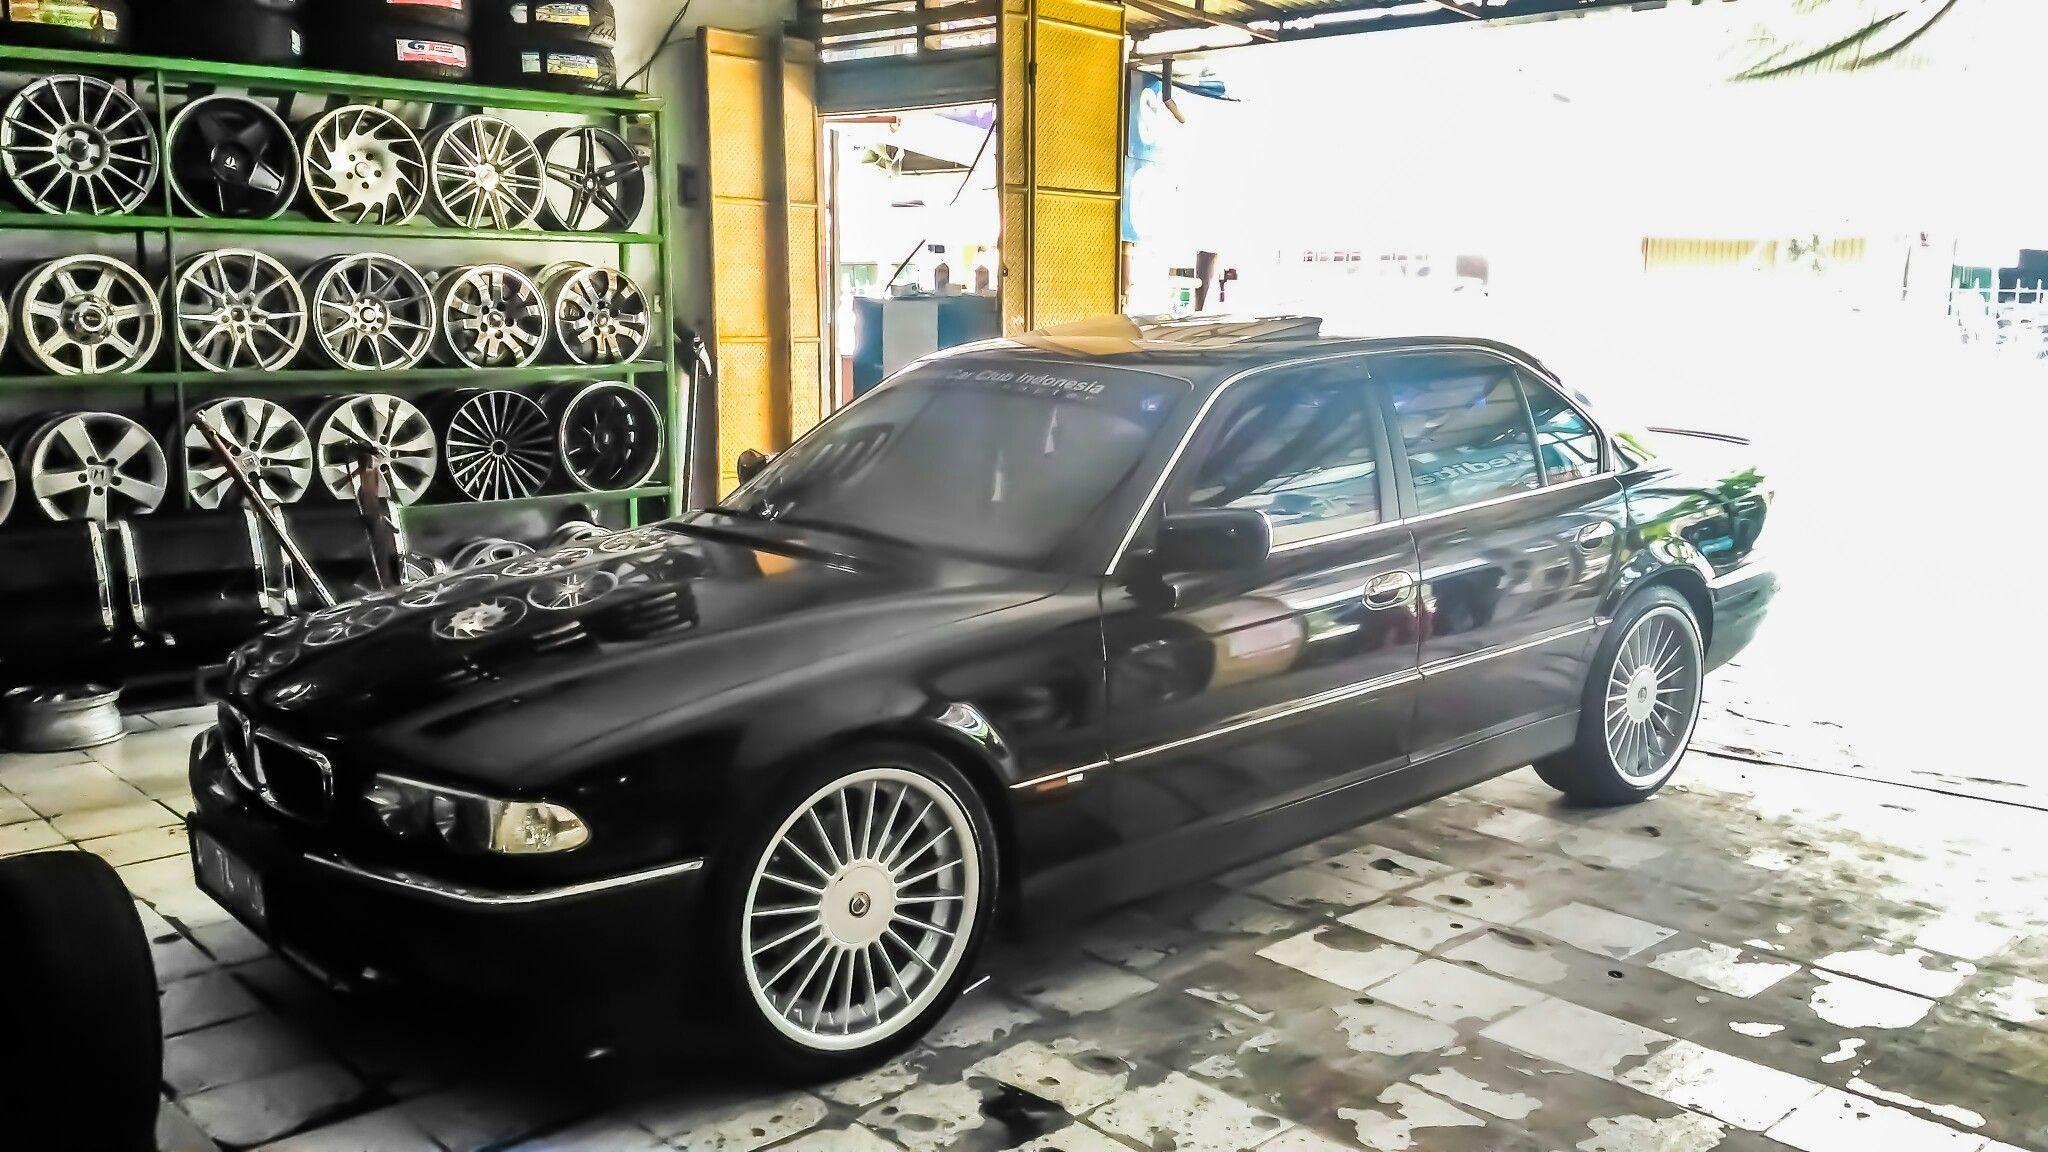 Back To Classic Bmw E38 728i Alpina Autos Coches